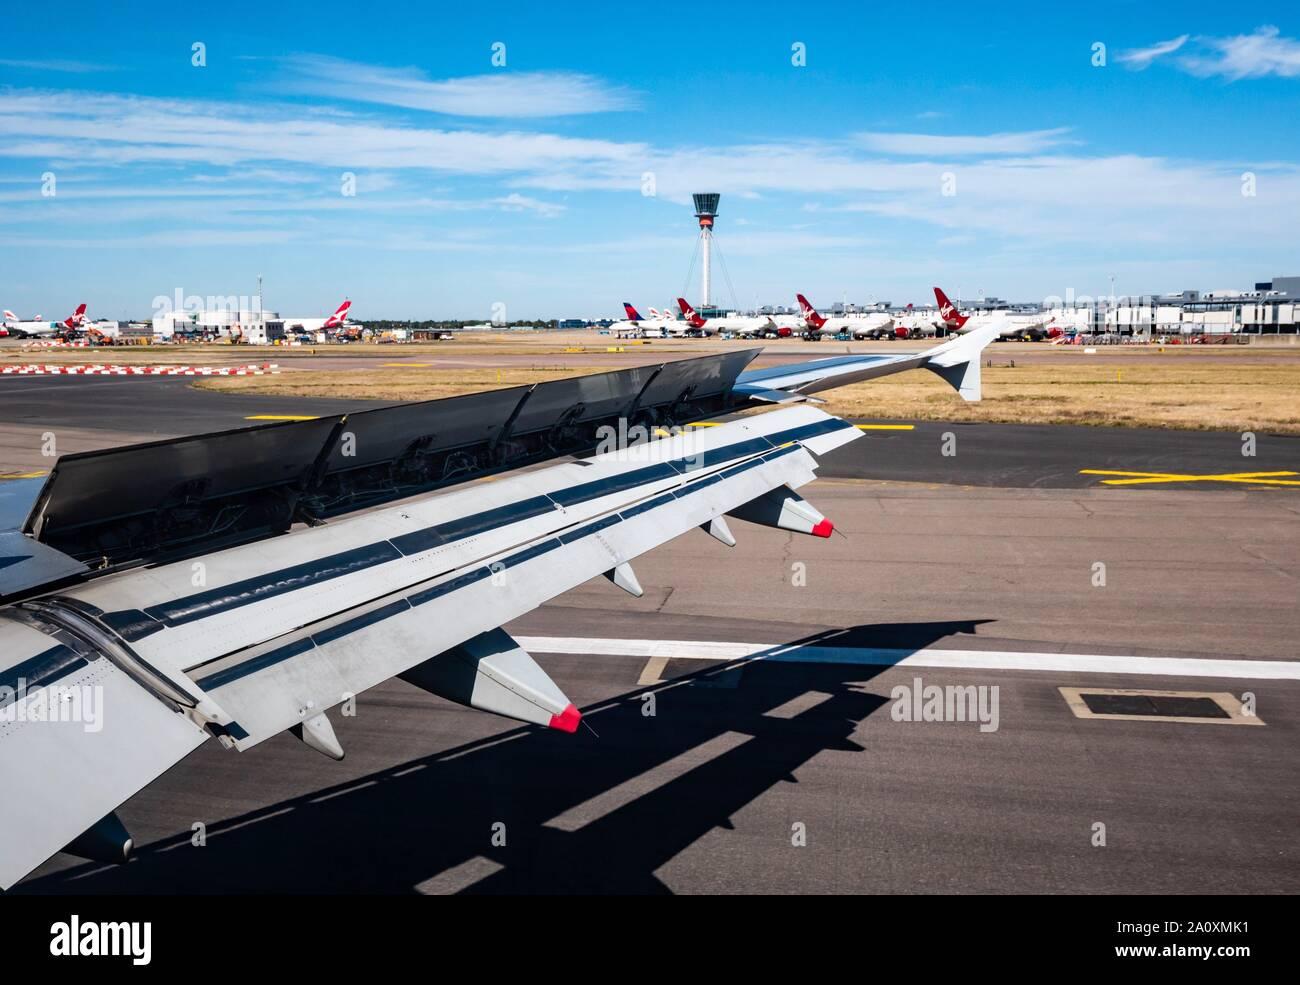 Vista dal piano finestra al di sopra della aletta di atterraggio sulla pista di aeroporto con Virgin Atlantic aeroplani, London, England, Regno Unito Foto Stock